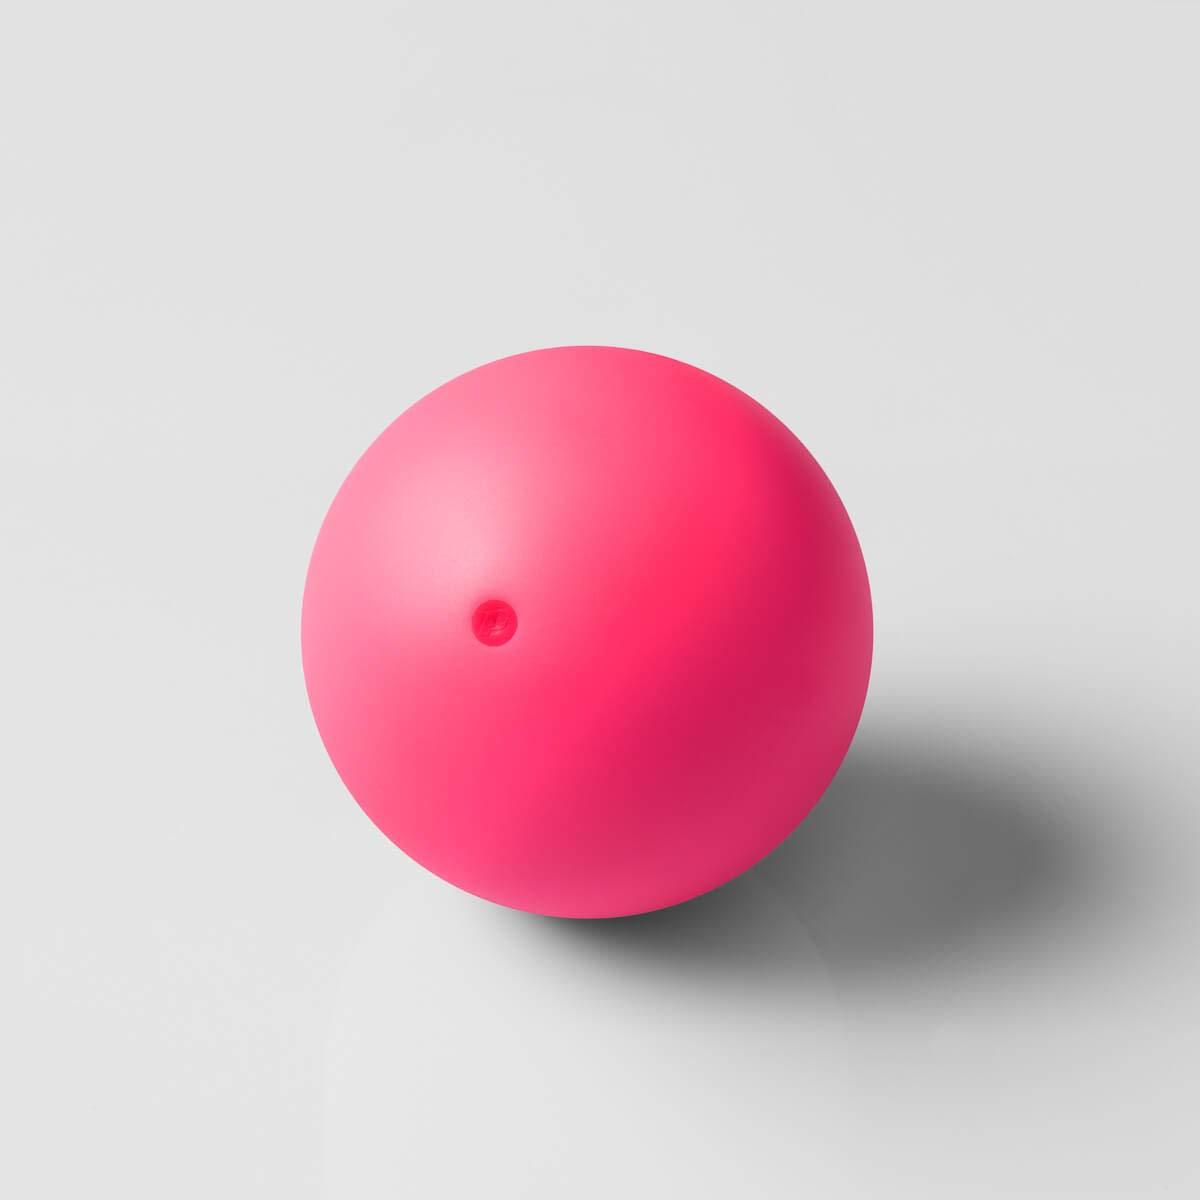 62 mm Pallina da GIOCOLIERE per Giocoleria Modello MMX 110 g Play Juggling Blu UV